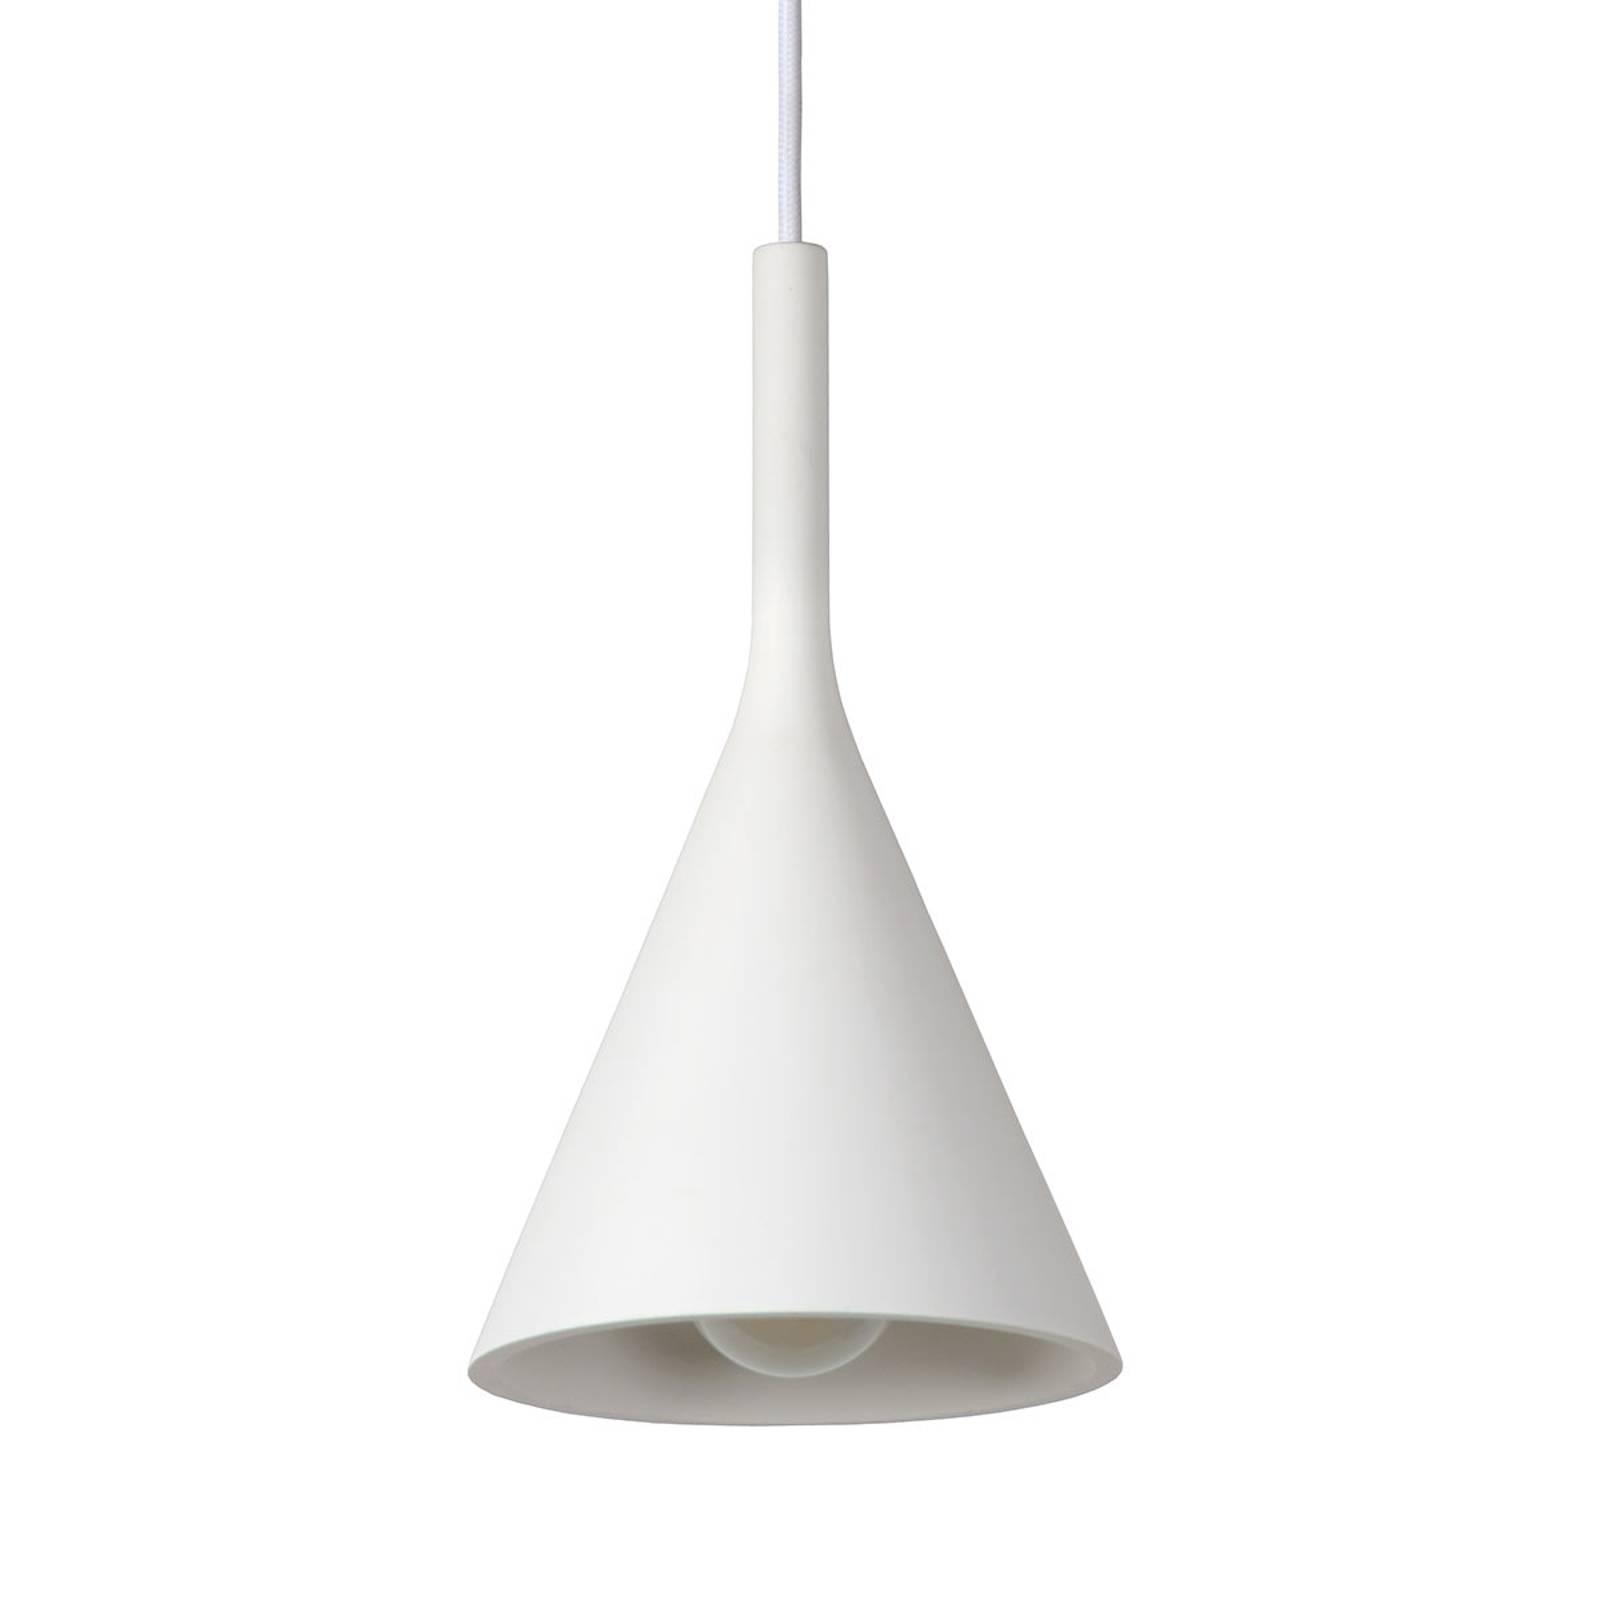 Kegelvormige gips-hanglamp Gipsy